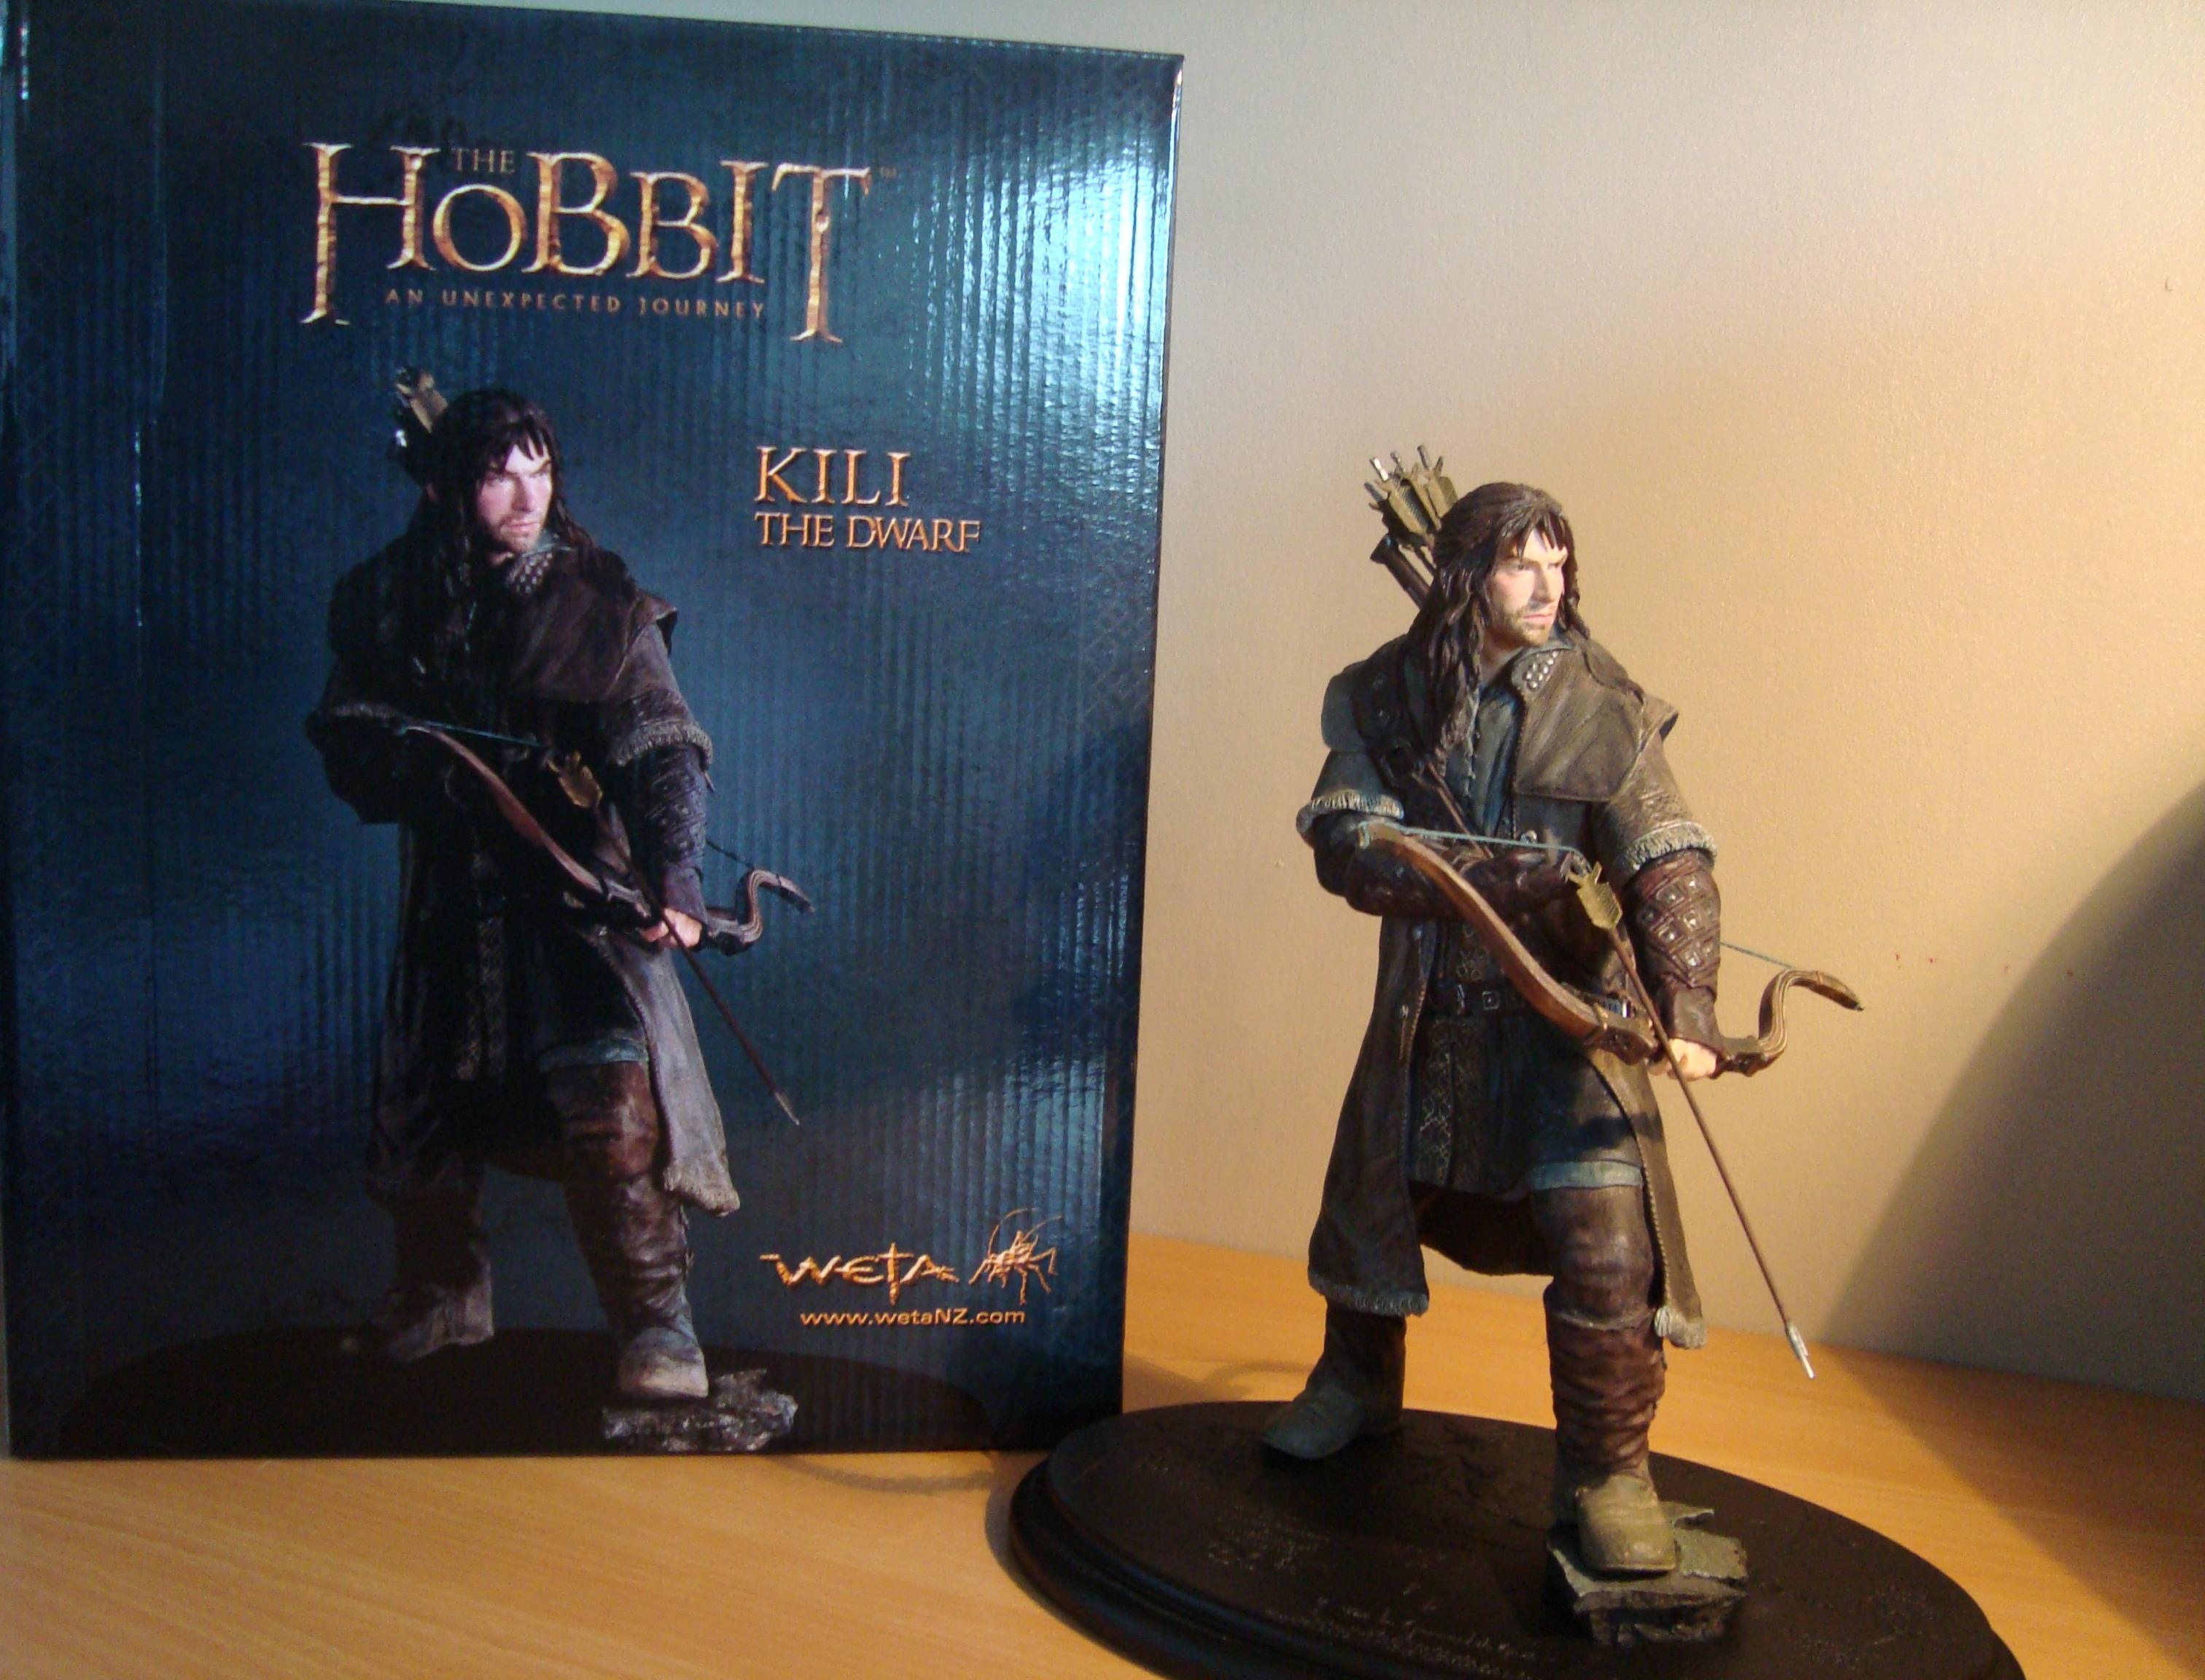 Le Seigneur des Anneaux / The Hobbit #3 548966Kilithedwarf01